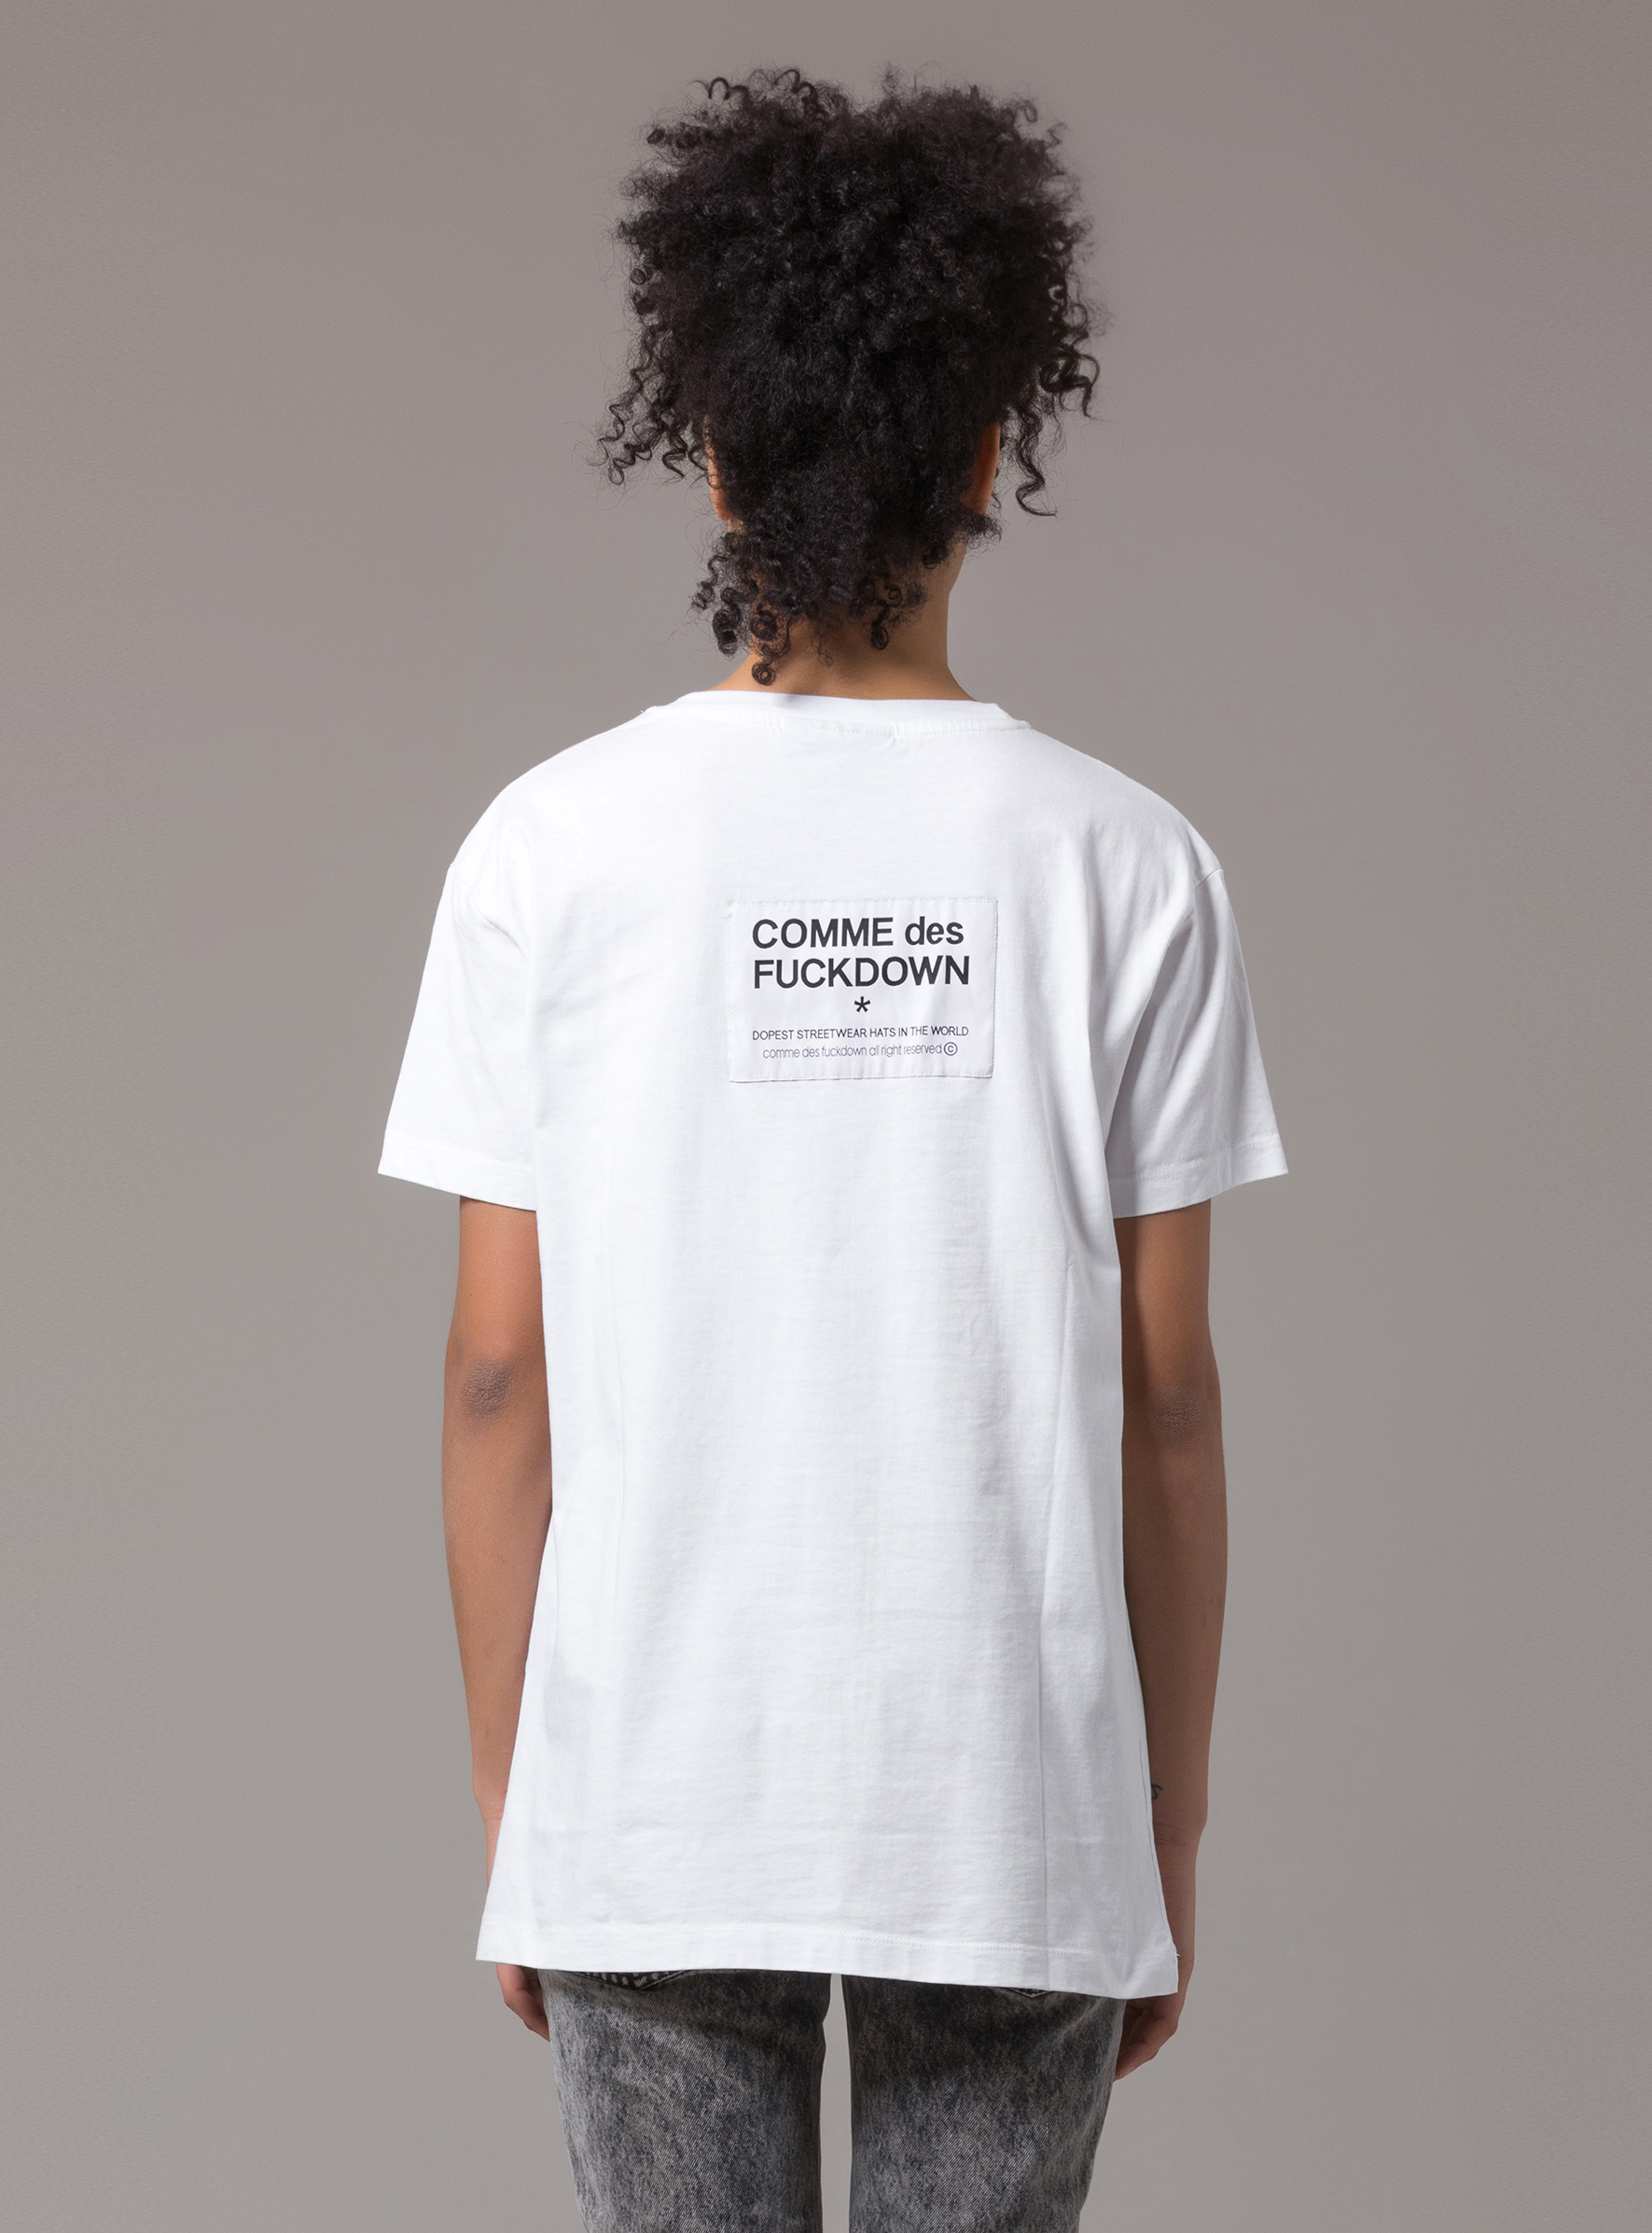 T-SHIRT - CDFD349 - COMME DES FKDOWN